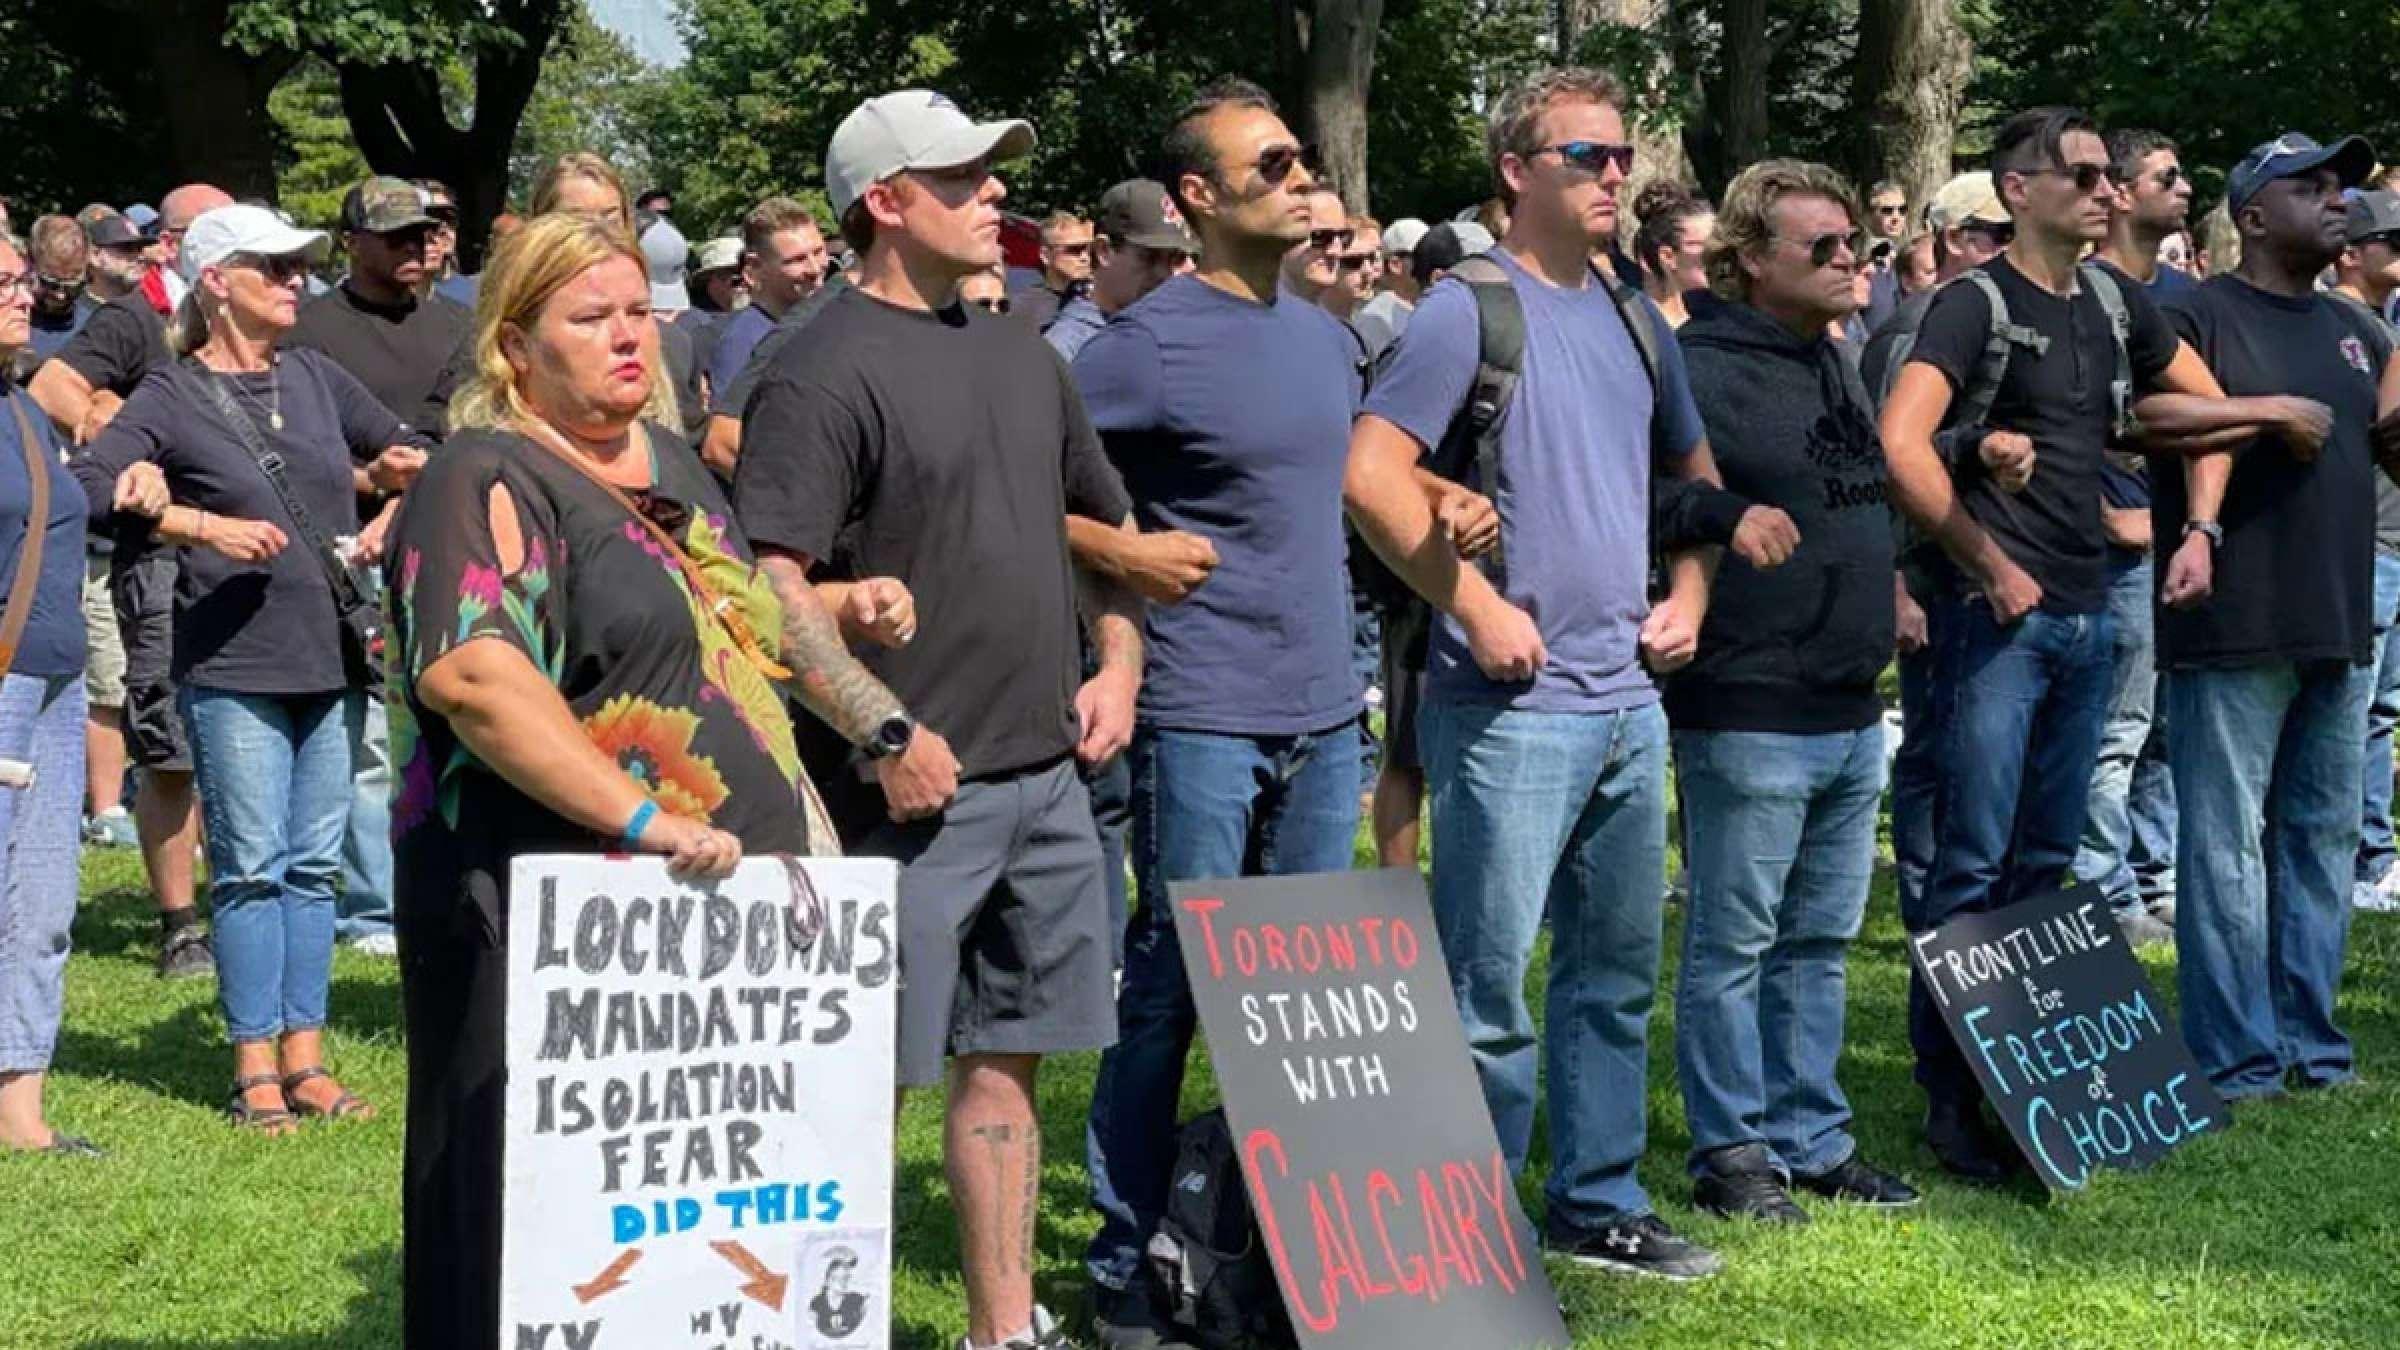 خبر-کانادا-تظاهرات-هزاران-بیمارستان-سراسر-کانادا-دعوت-پرستاران-خط-مقدم-علیه-کرونا-واکسن